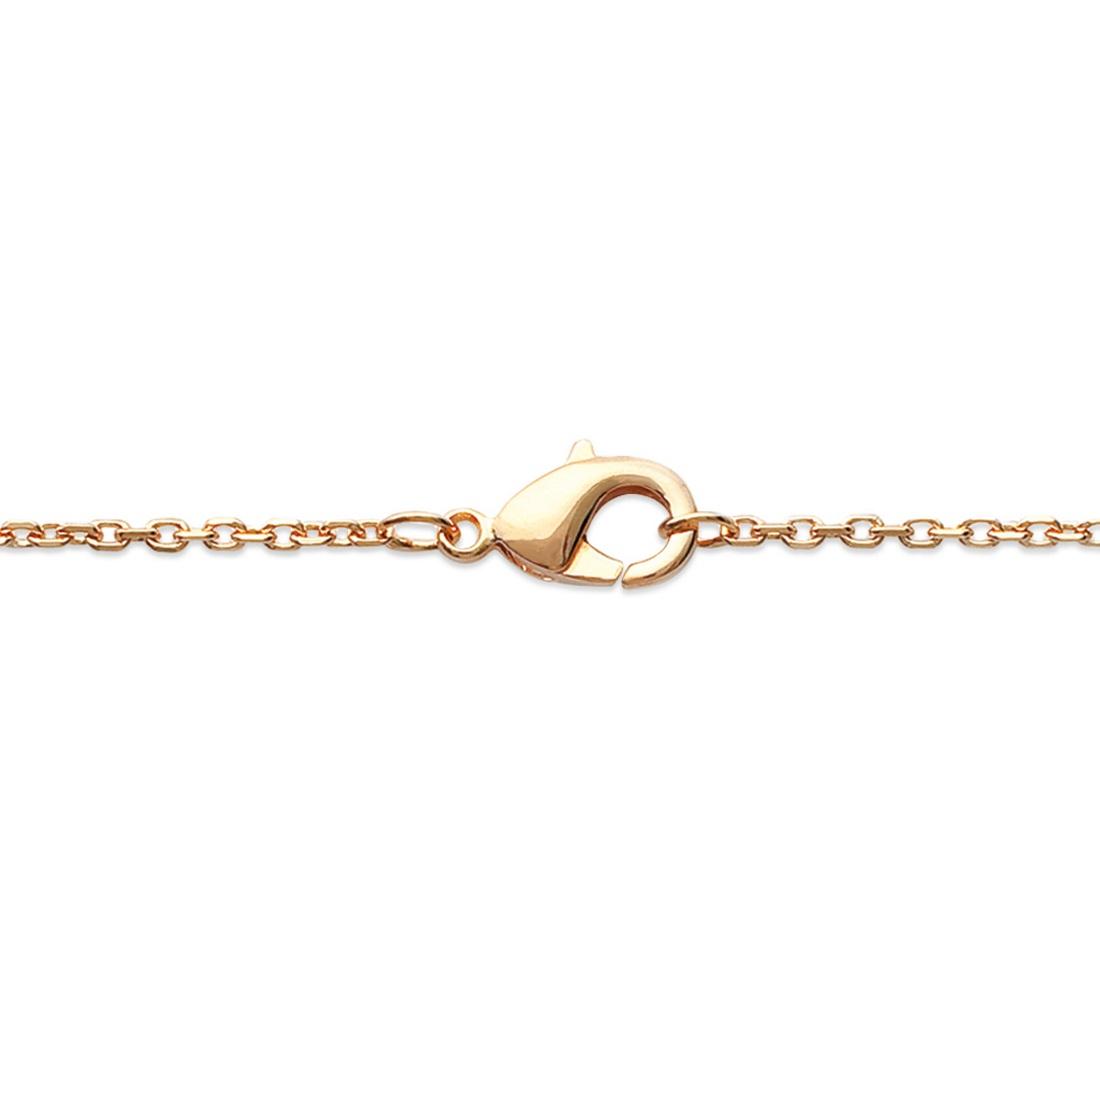 Cercle Adolescent Adulte Femme Fille Indémodable Collier avec pendentif  cercle et franges en plaqué or. Cercle Adolescent Adulte Femme Fille  Indémodable 0e57f464875a